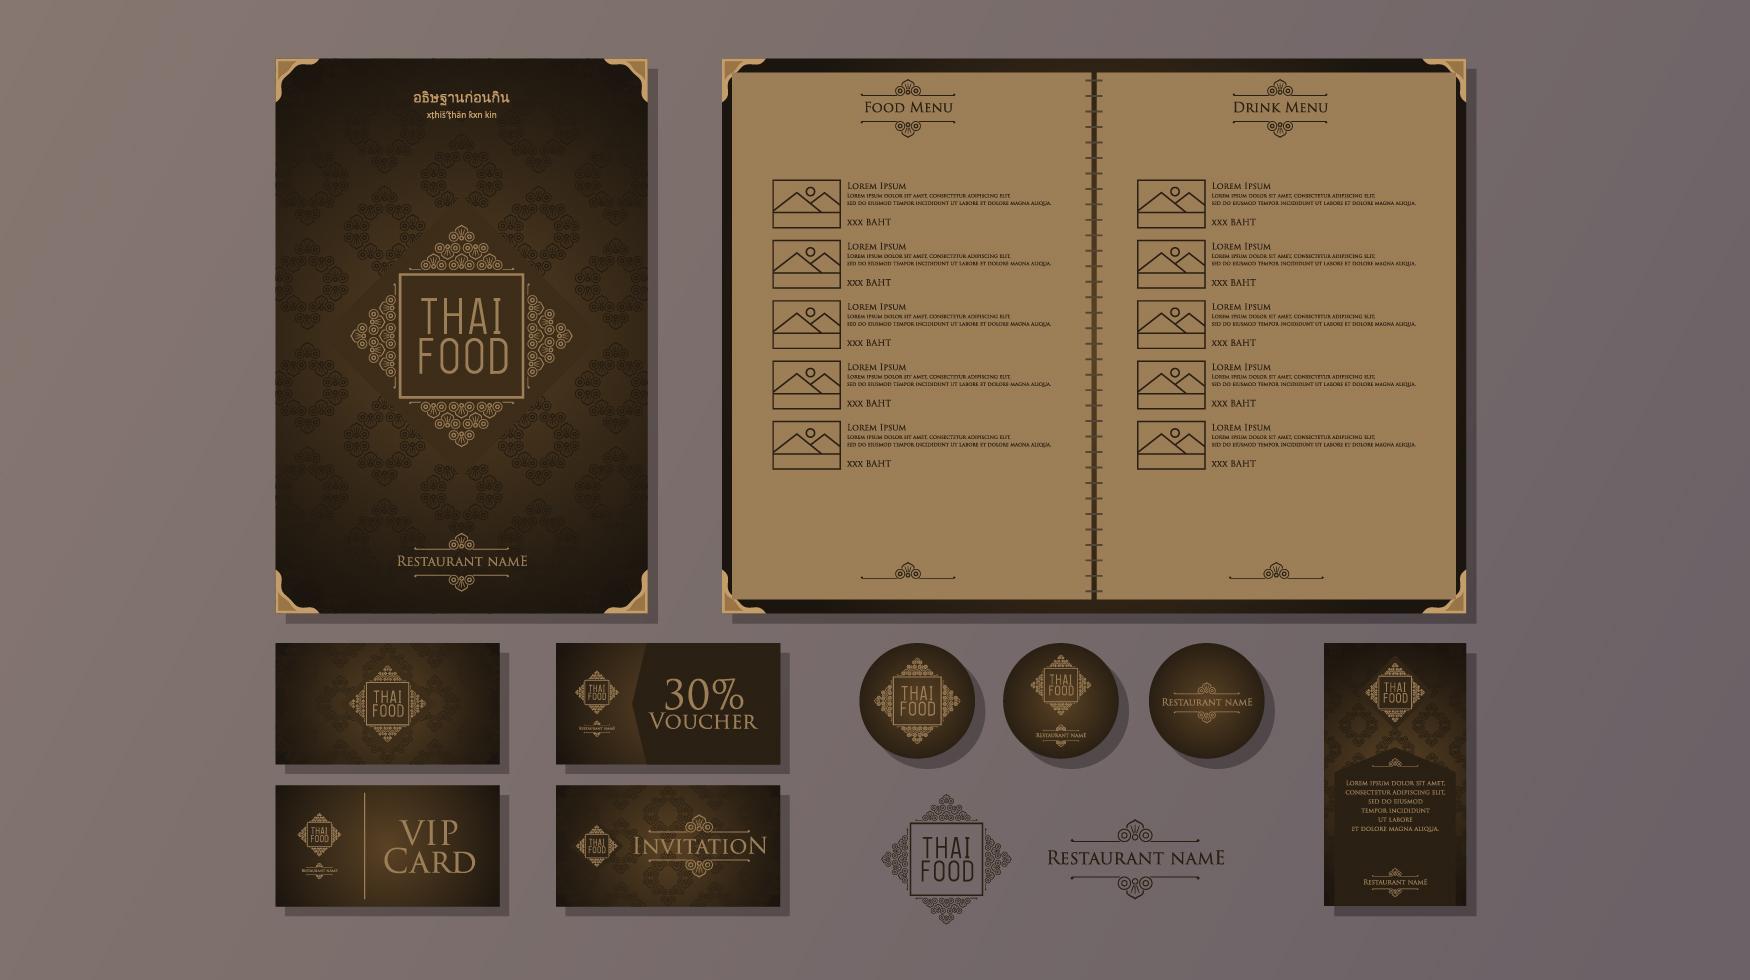 Classy Restaurant Thai Food Menu Template Vector Download Free Vectors Clipart Graphics Vector Art